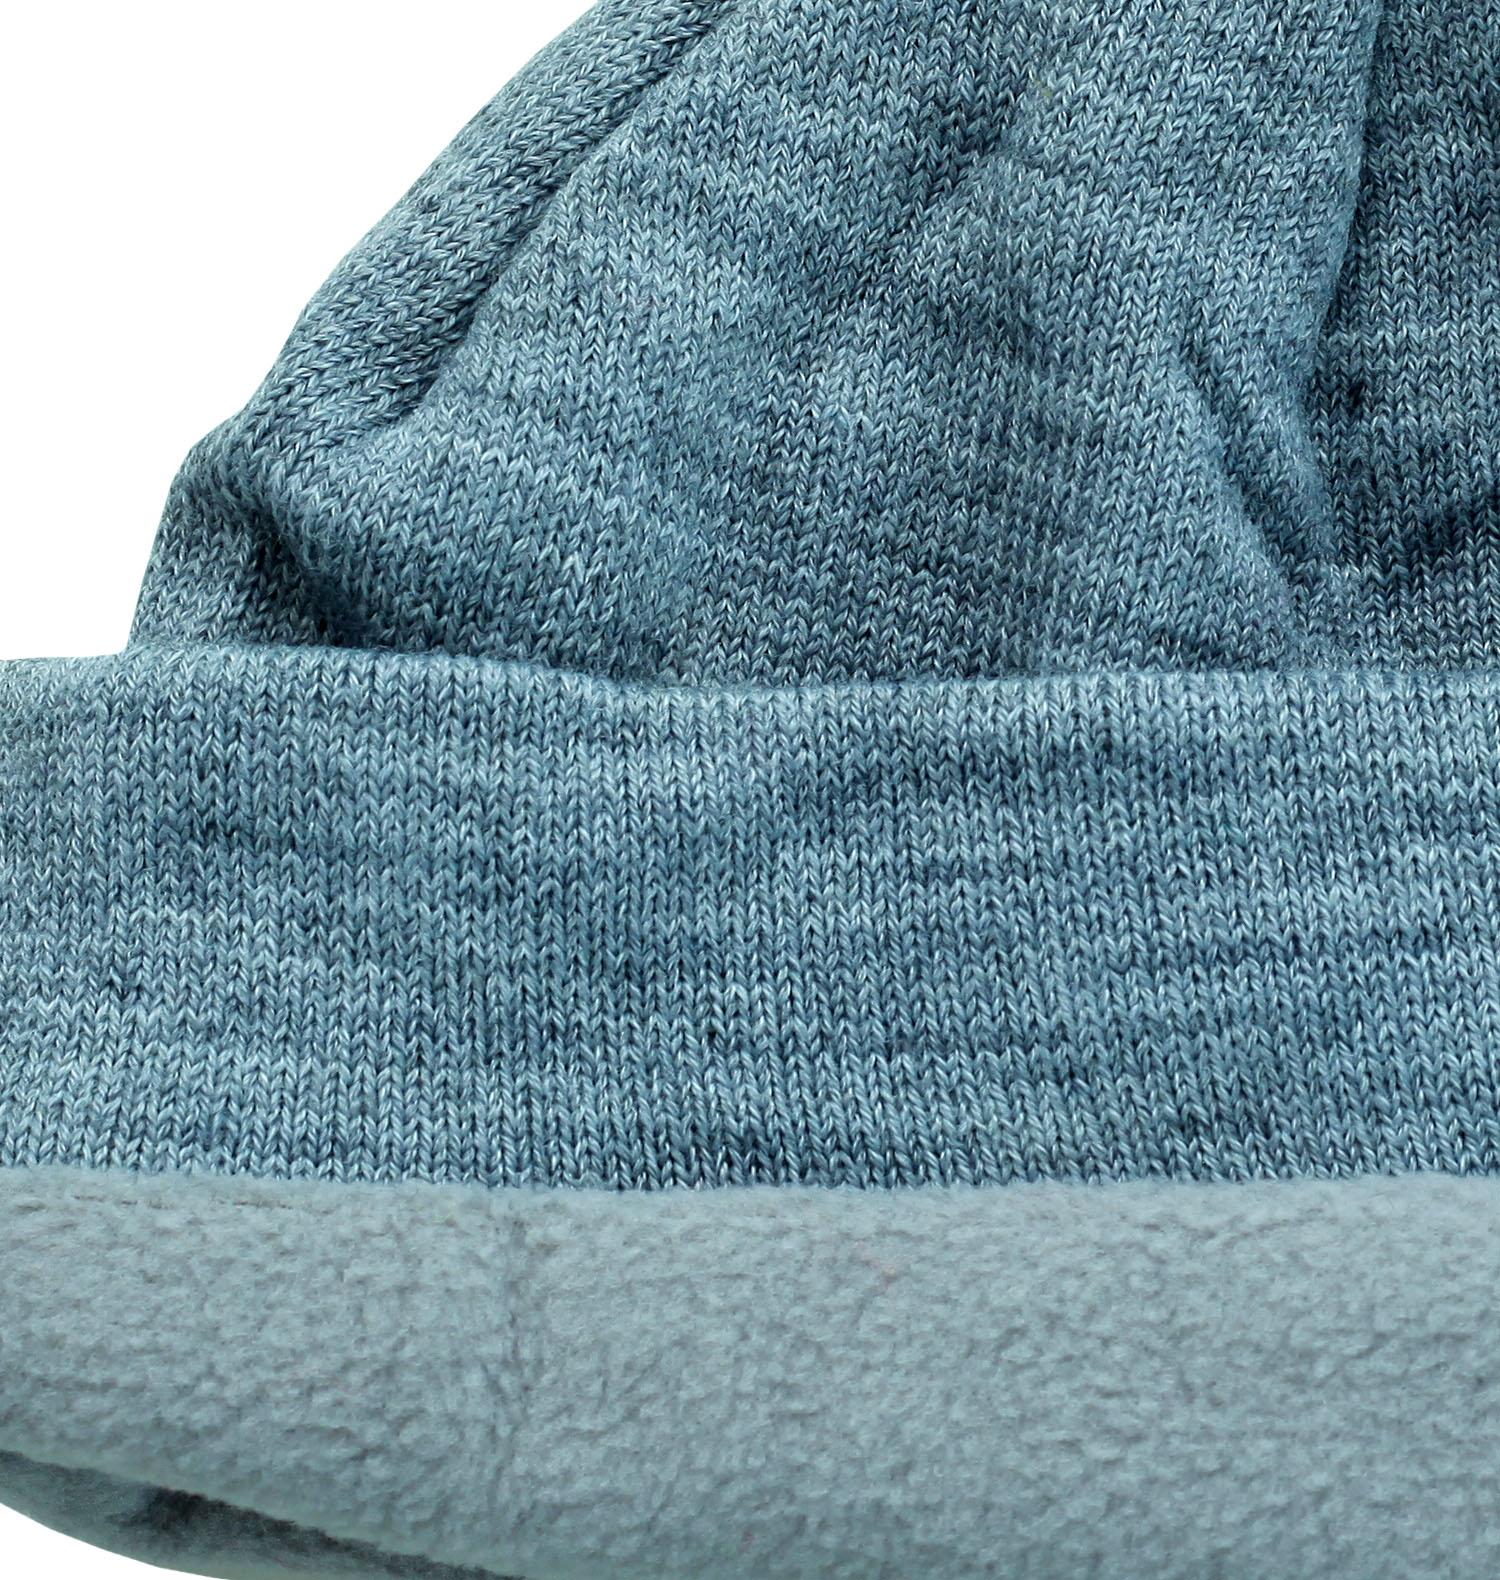 Купить суперстильную шапку с надписью для поклонников зимнего вида спорта по выгодной цене